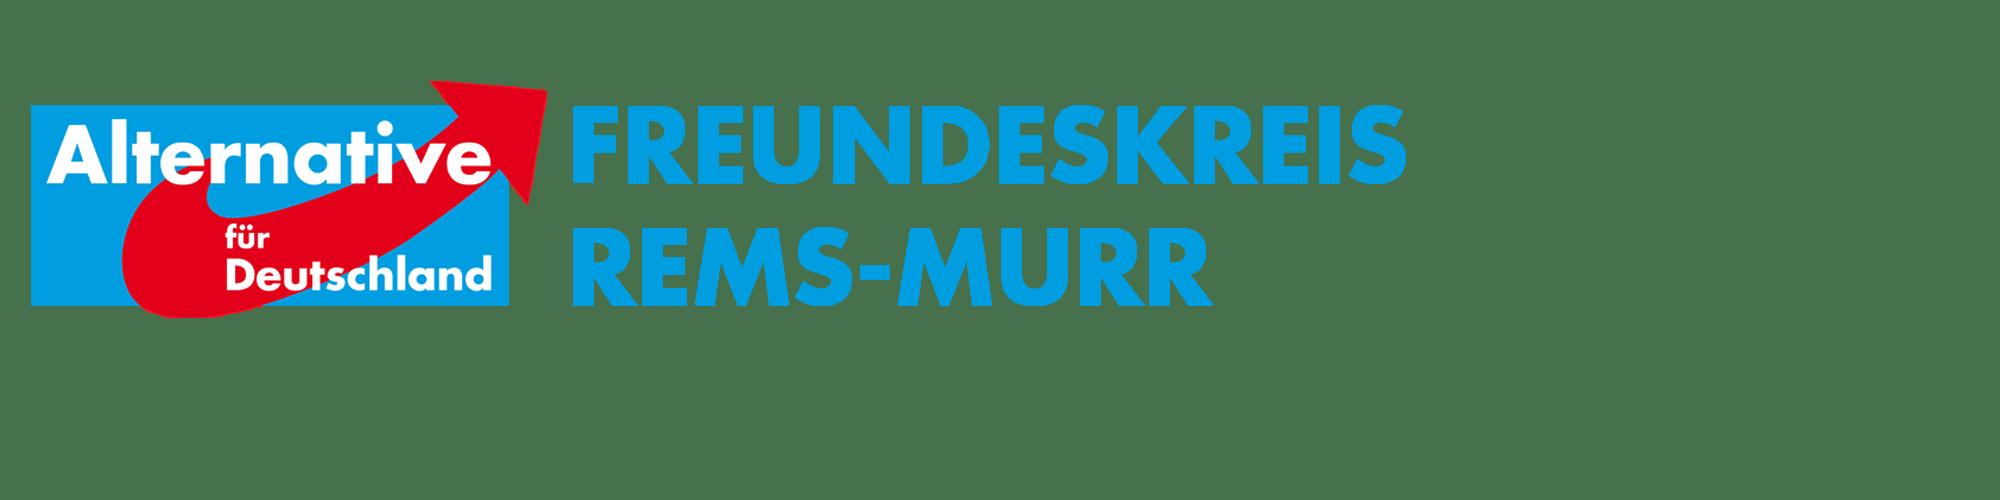 AfD Rems-Murr Freundeskreis